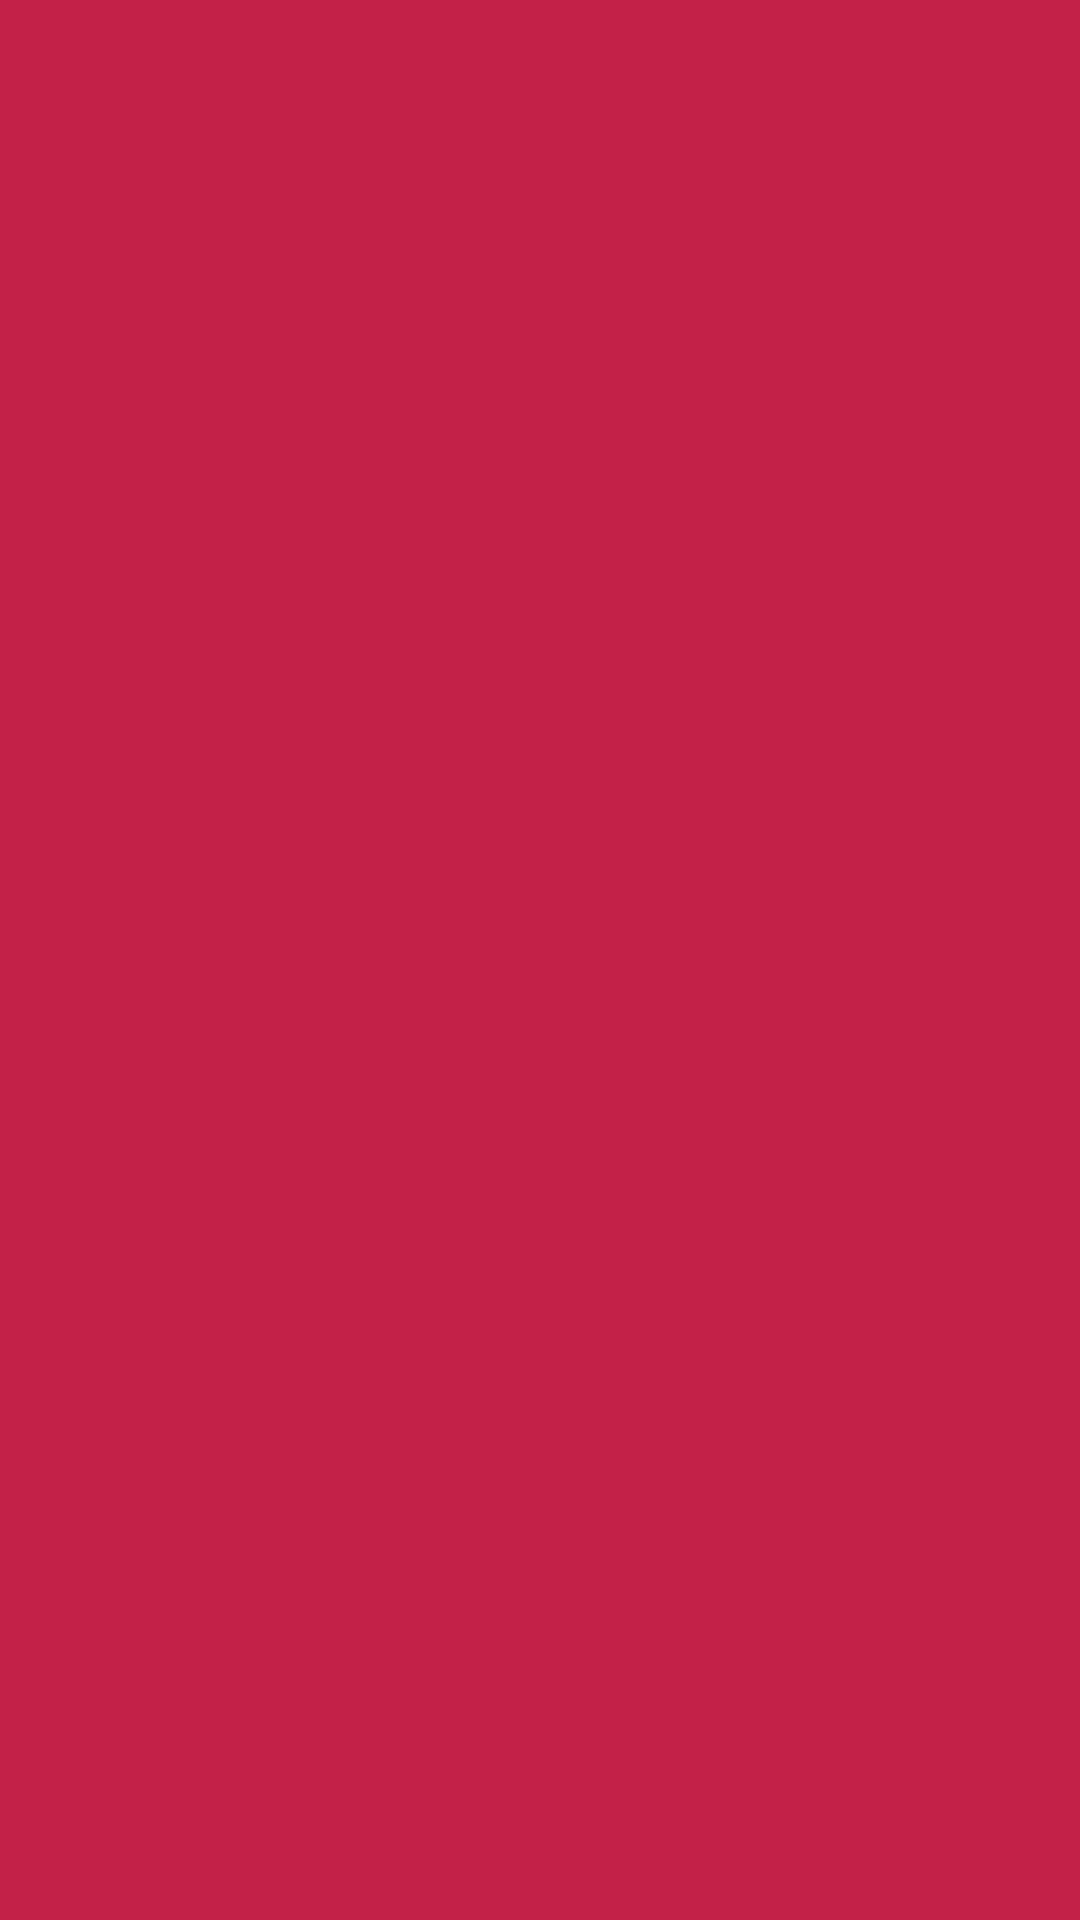 1080x1920 Maroon Crayola Solid Color Background